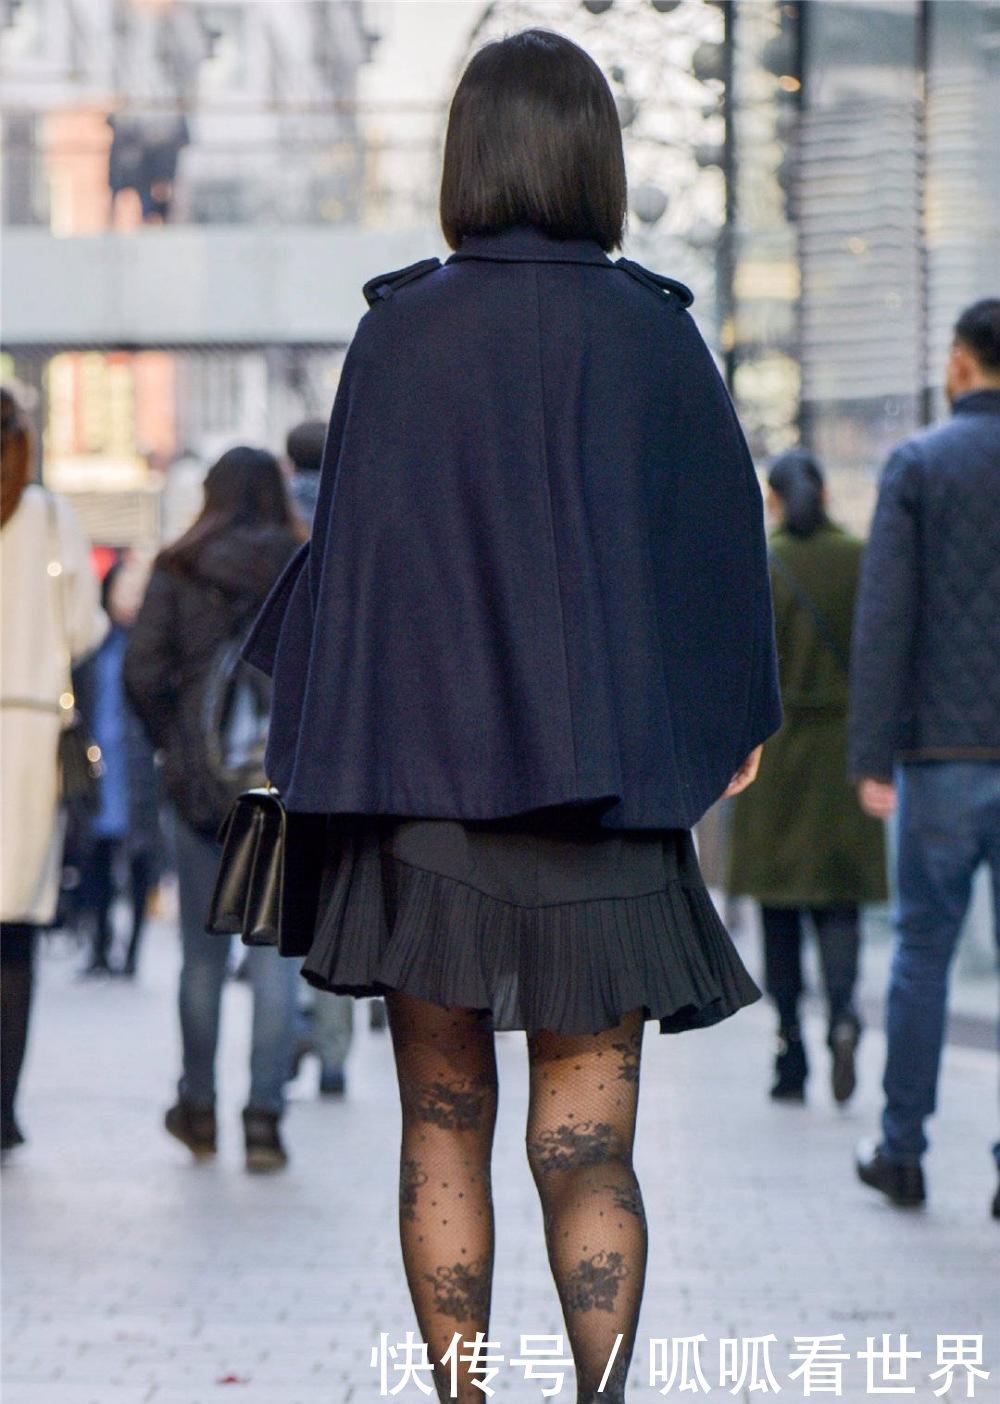 街拍:小丝袜的搭配真花哨姐姐都带花来故事美女真实袭图片